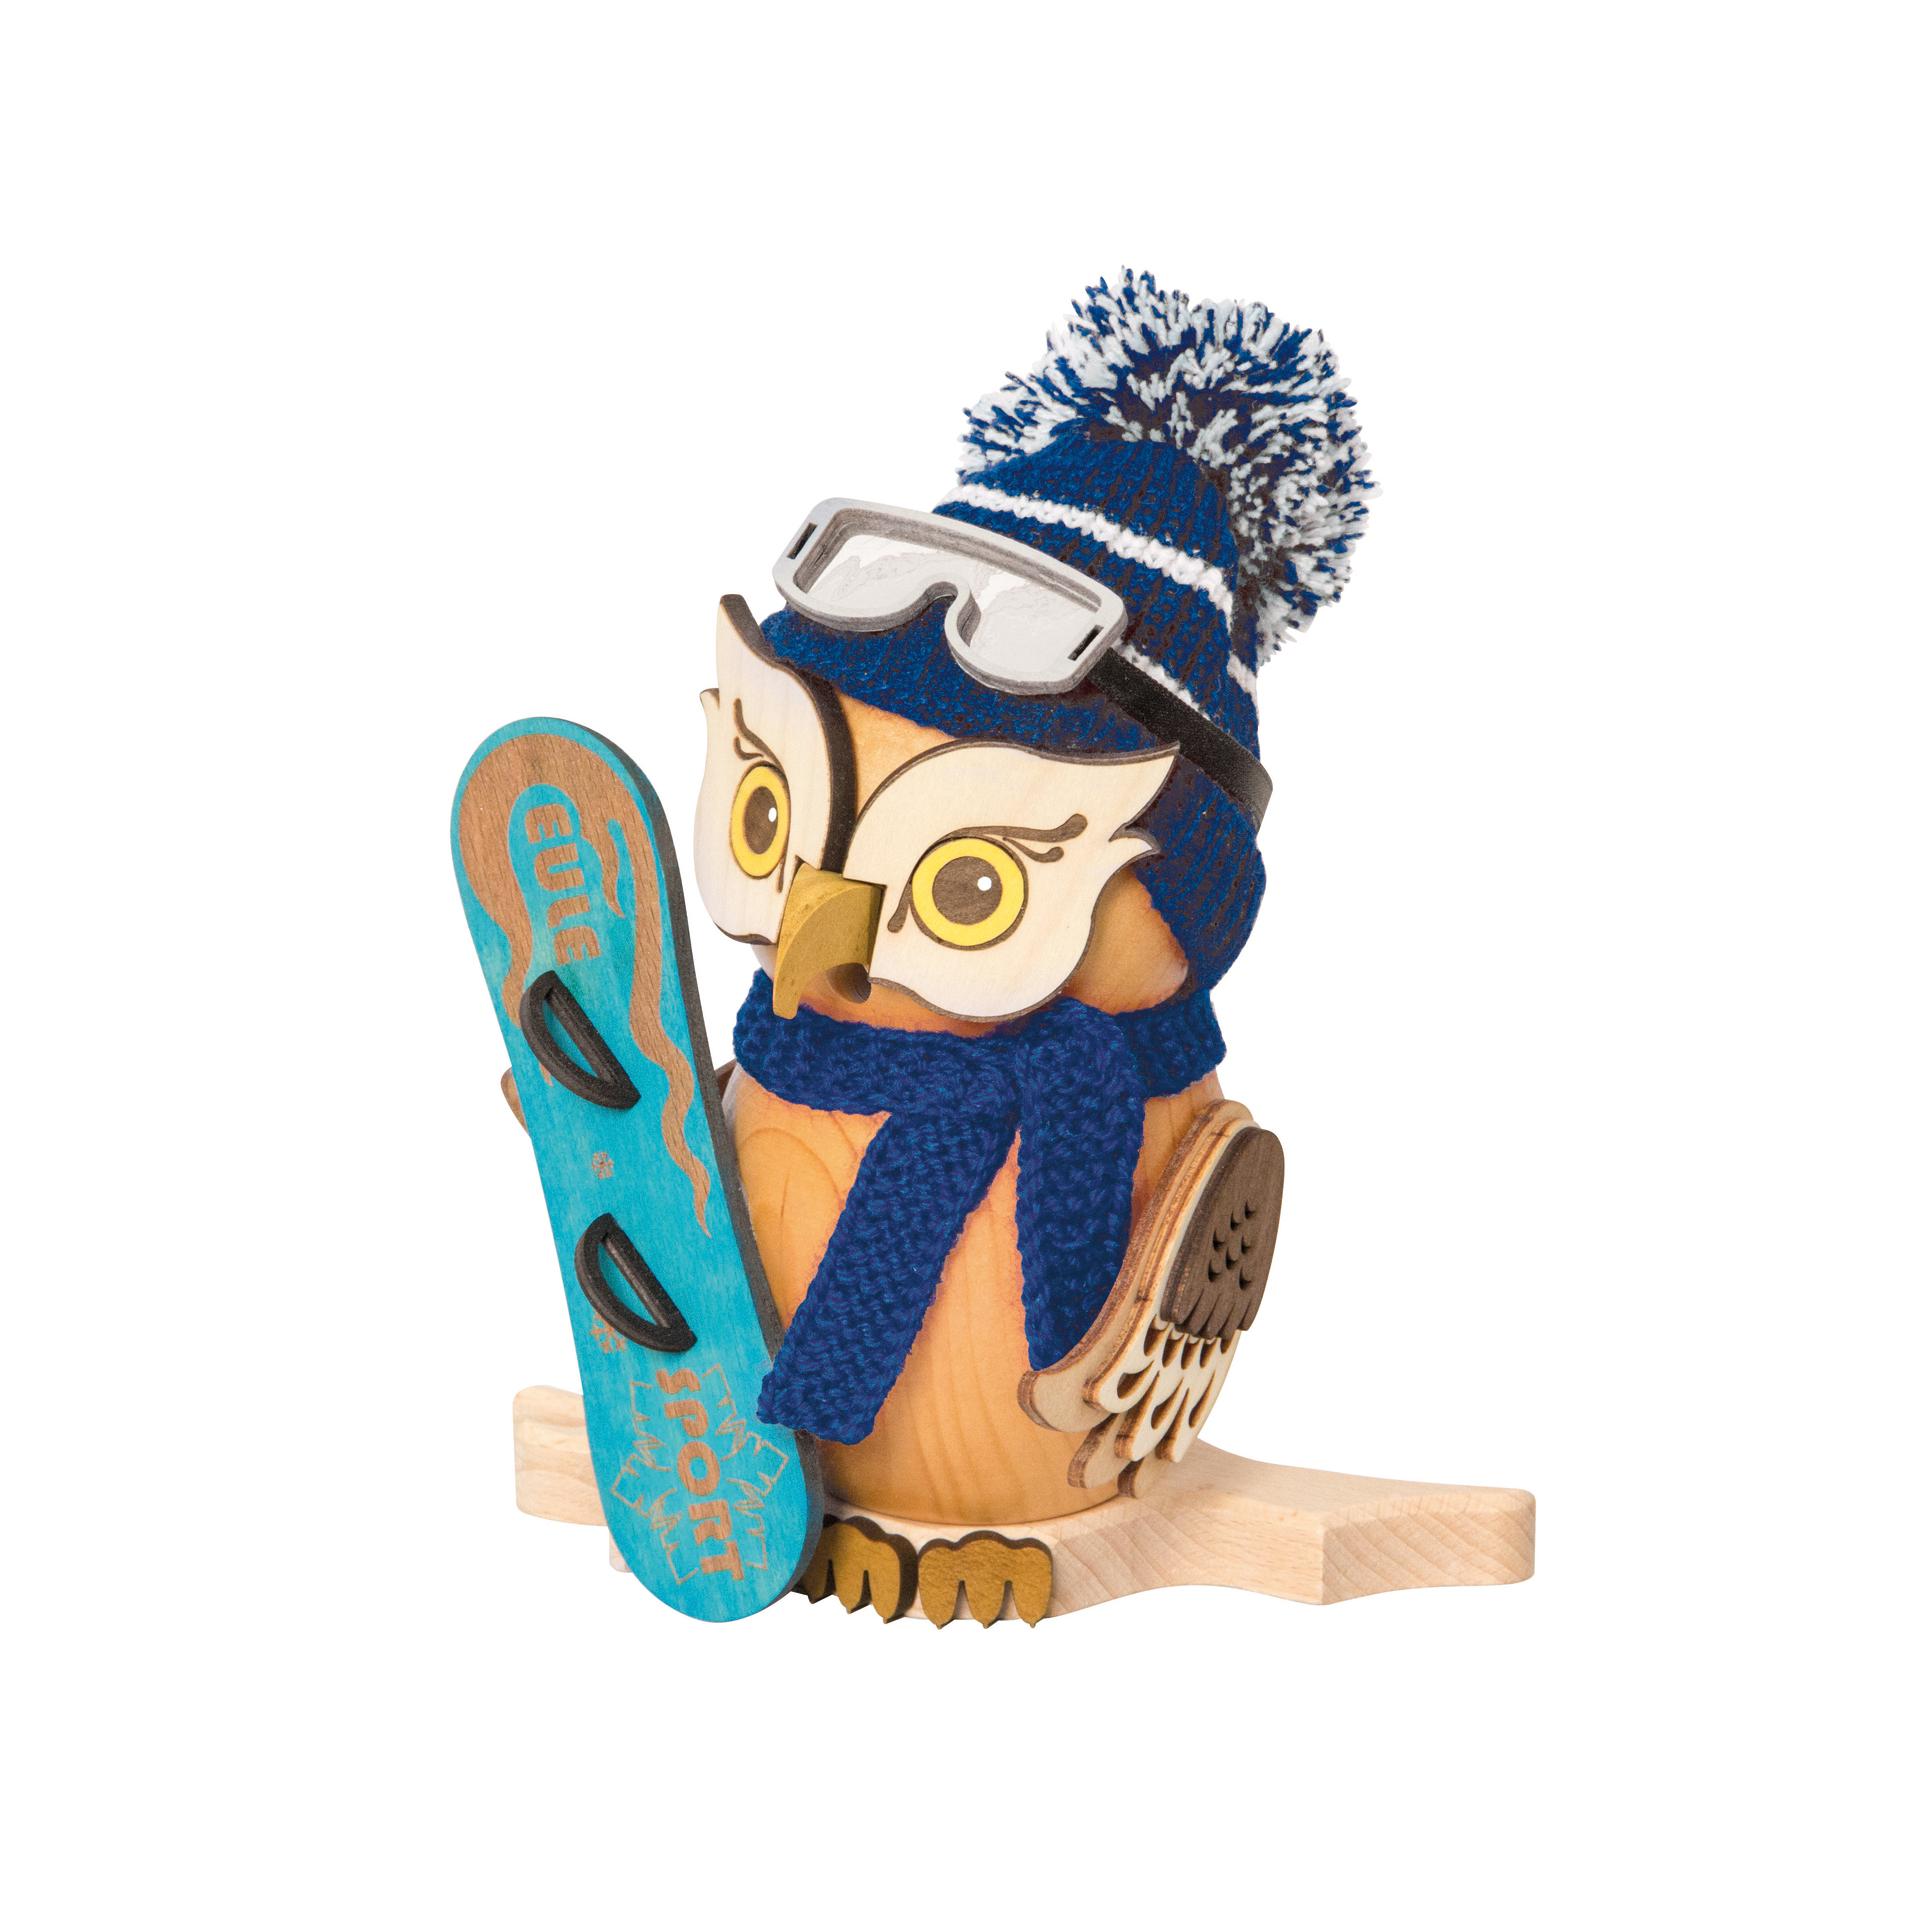 Raucheule mit Snowboard